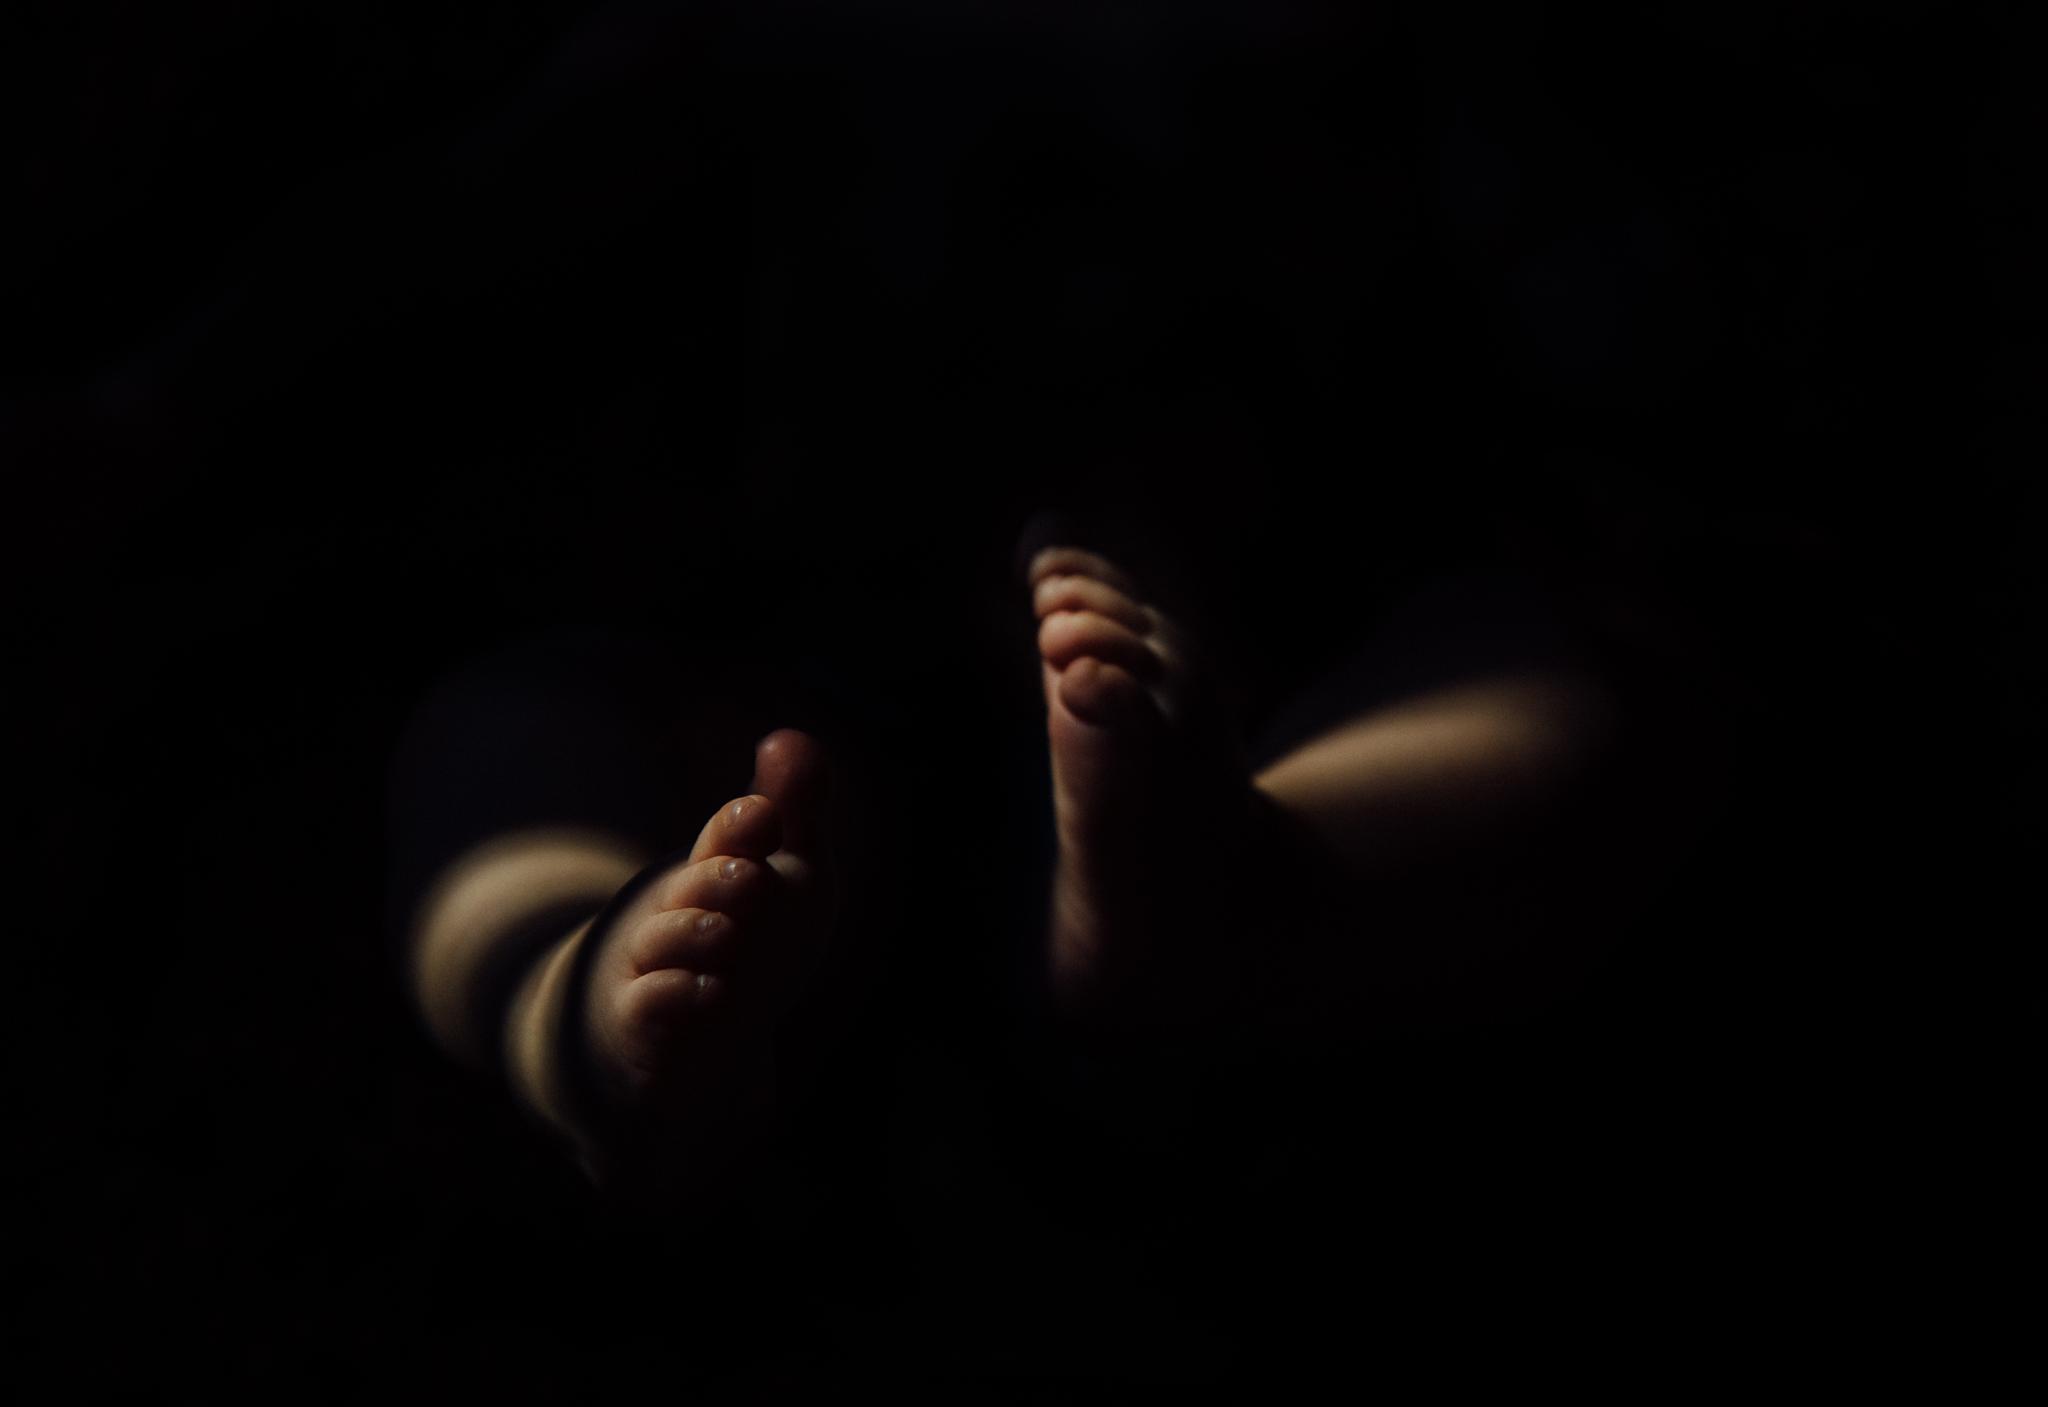 pepper's toes in the light-1.jpg